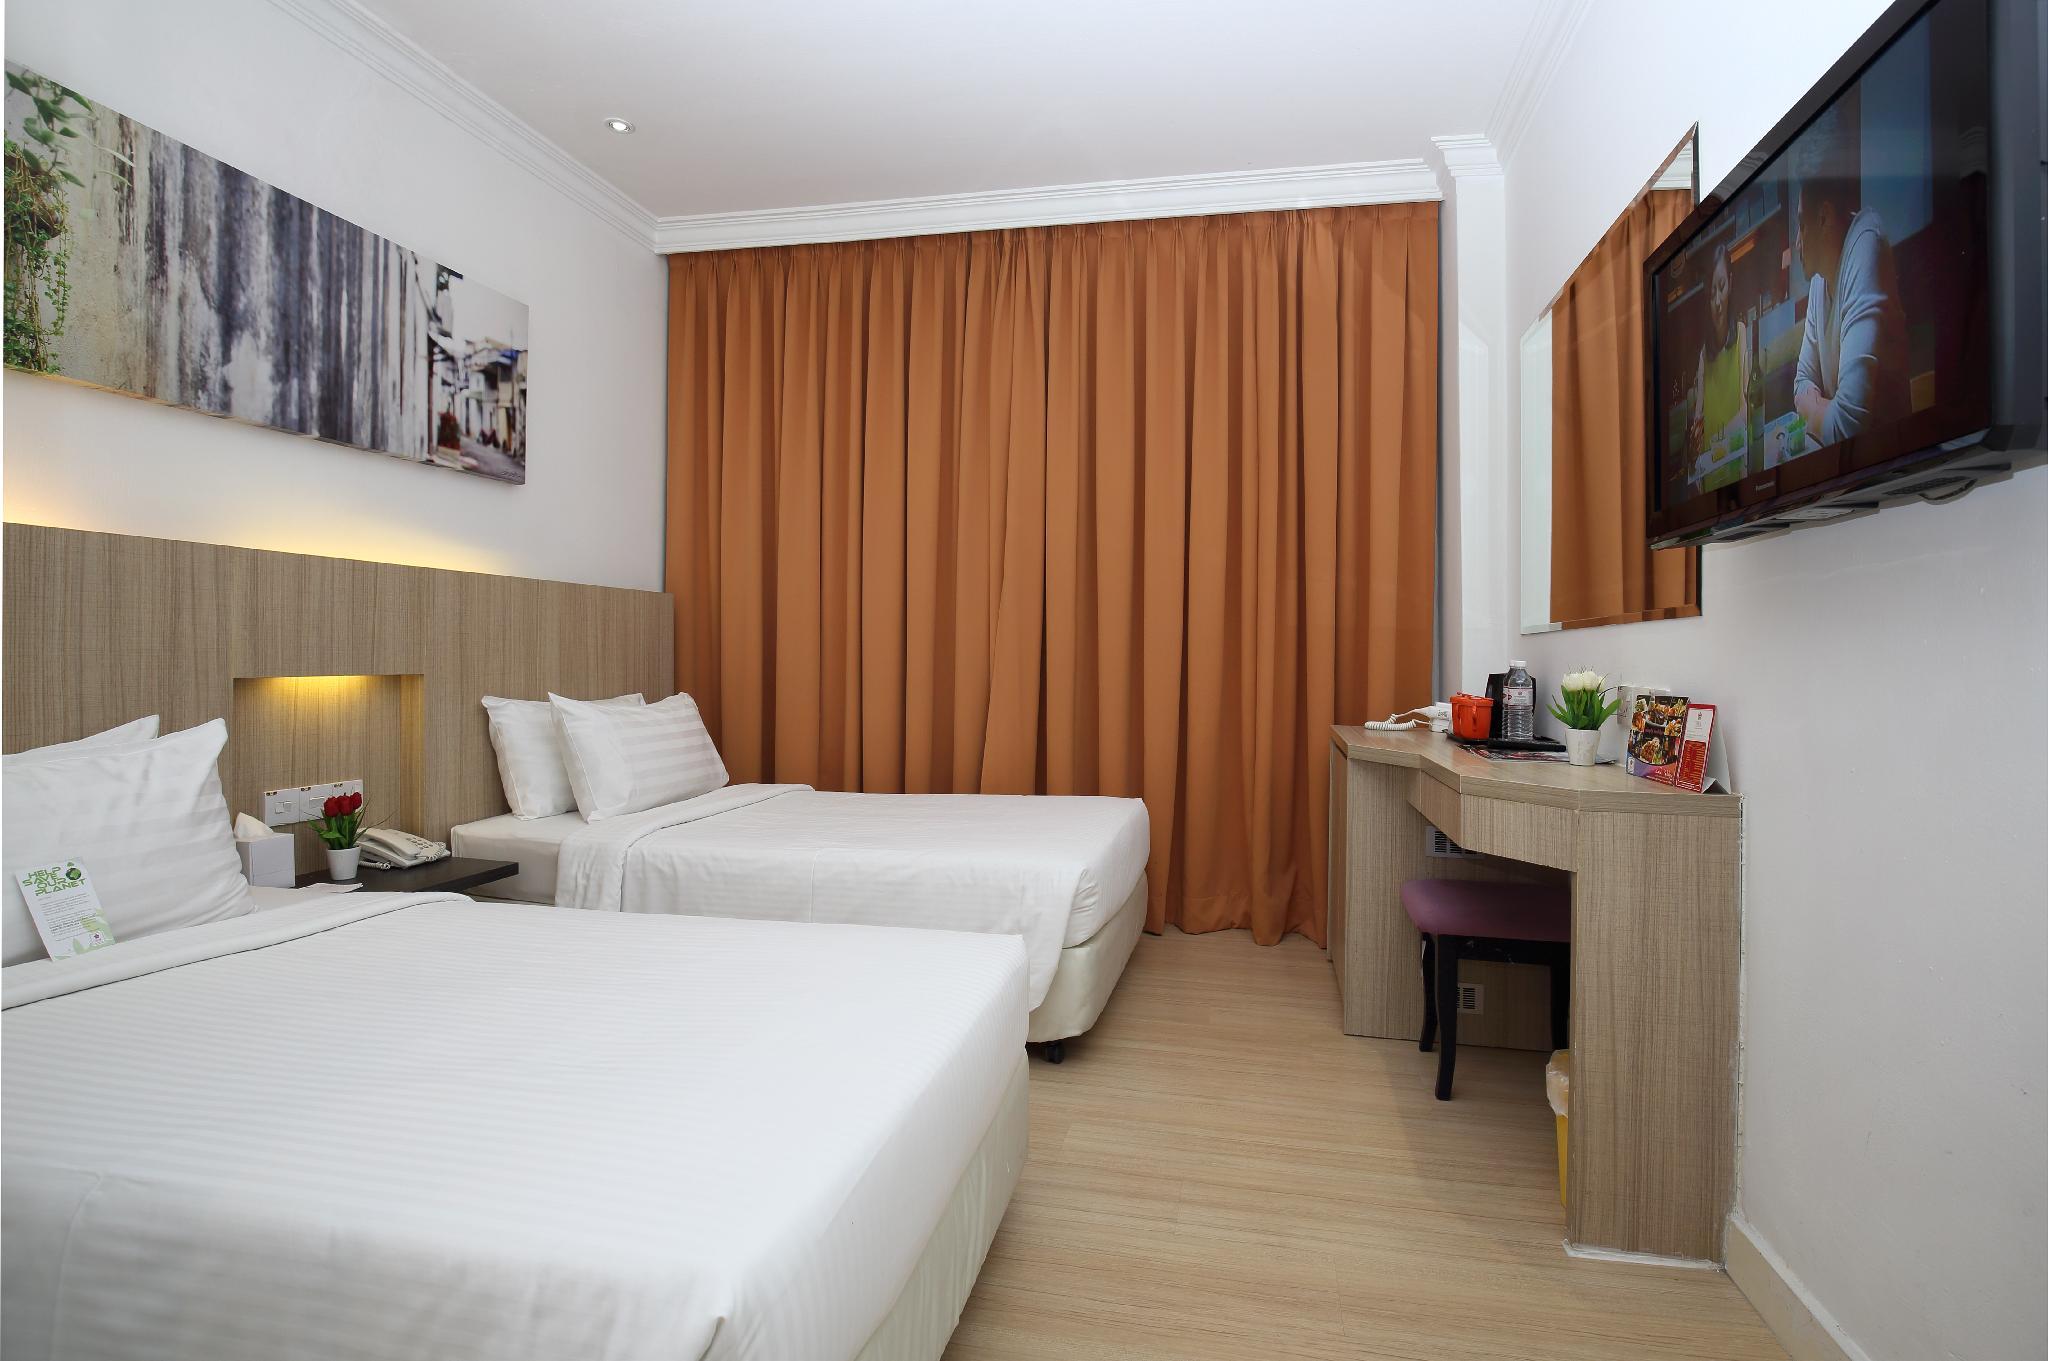 هتل سوئیس این کوالالامپور